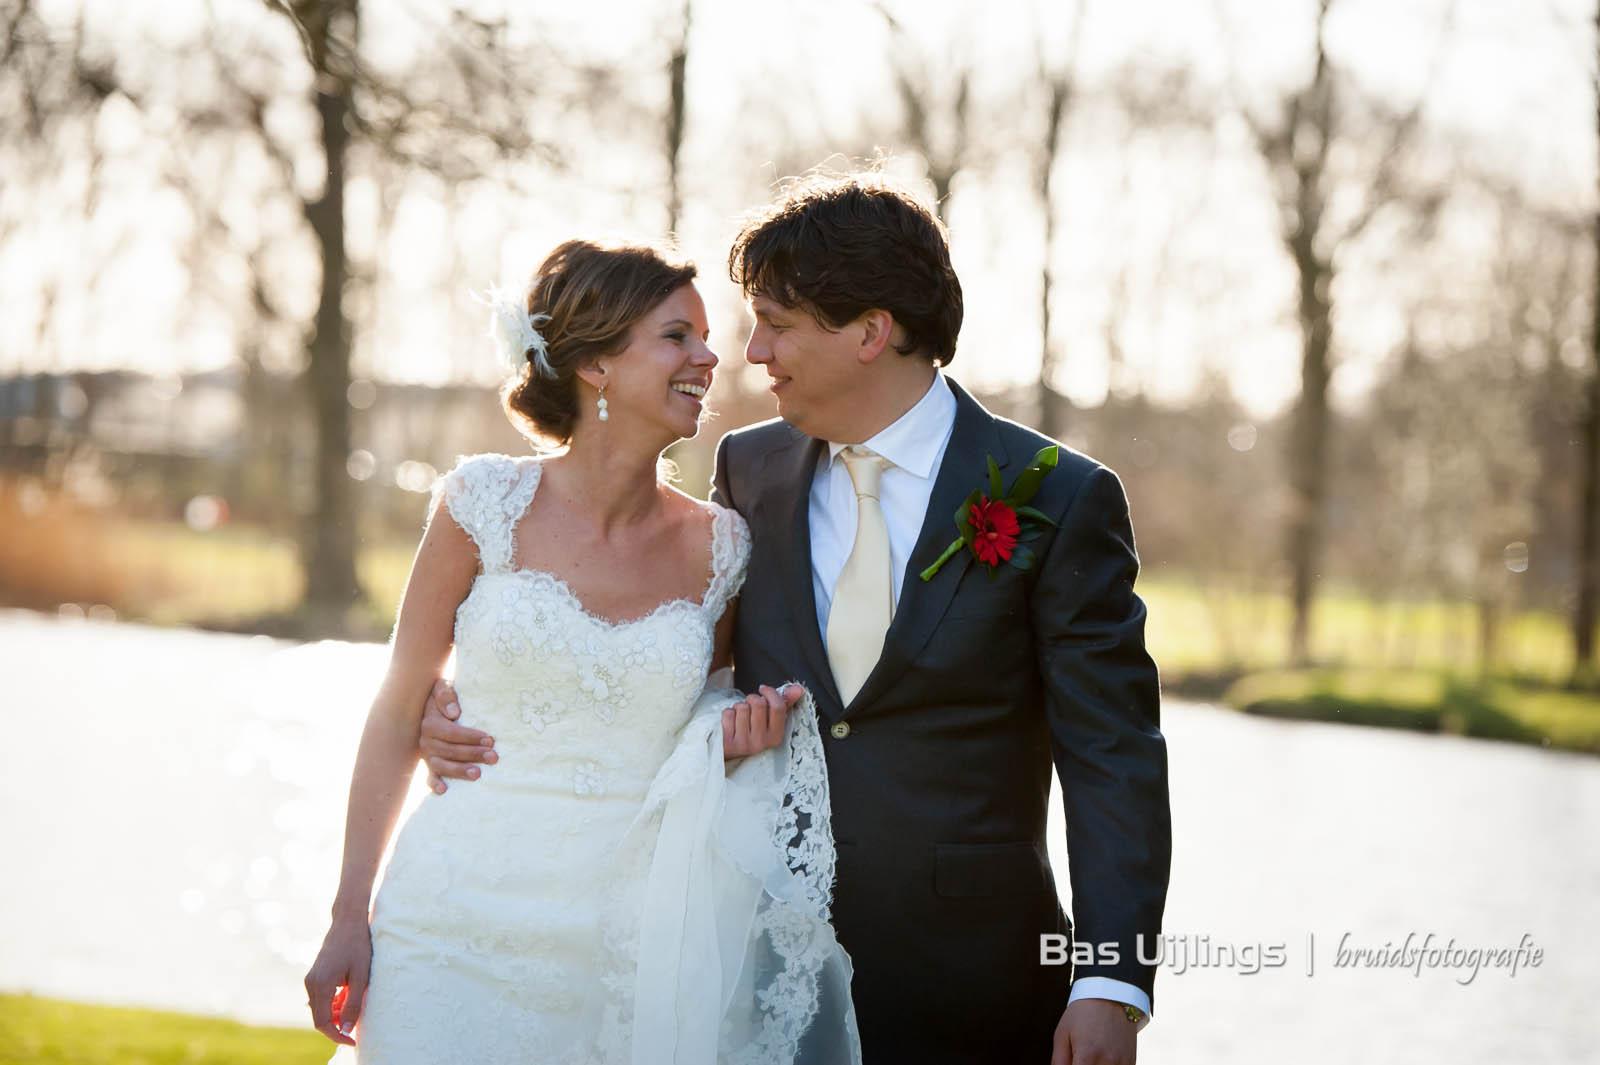 Bruidsfotografie Amstelveen – Het Oude Slot in Heemstede